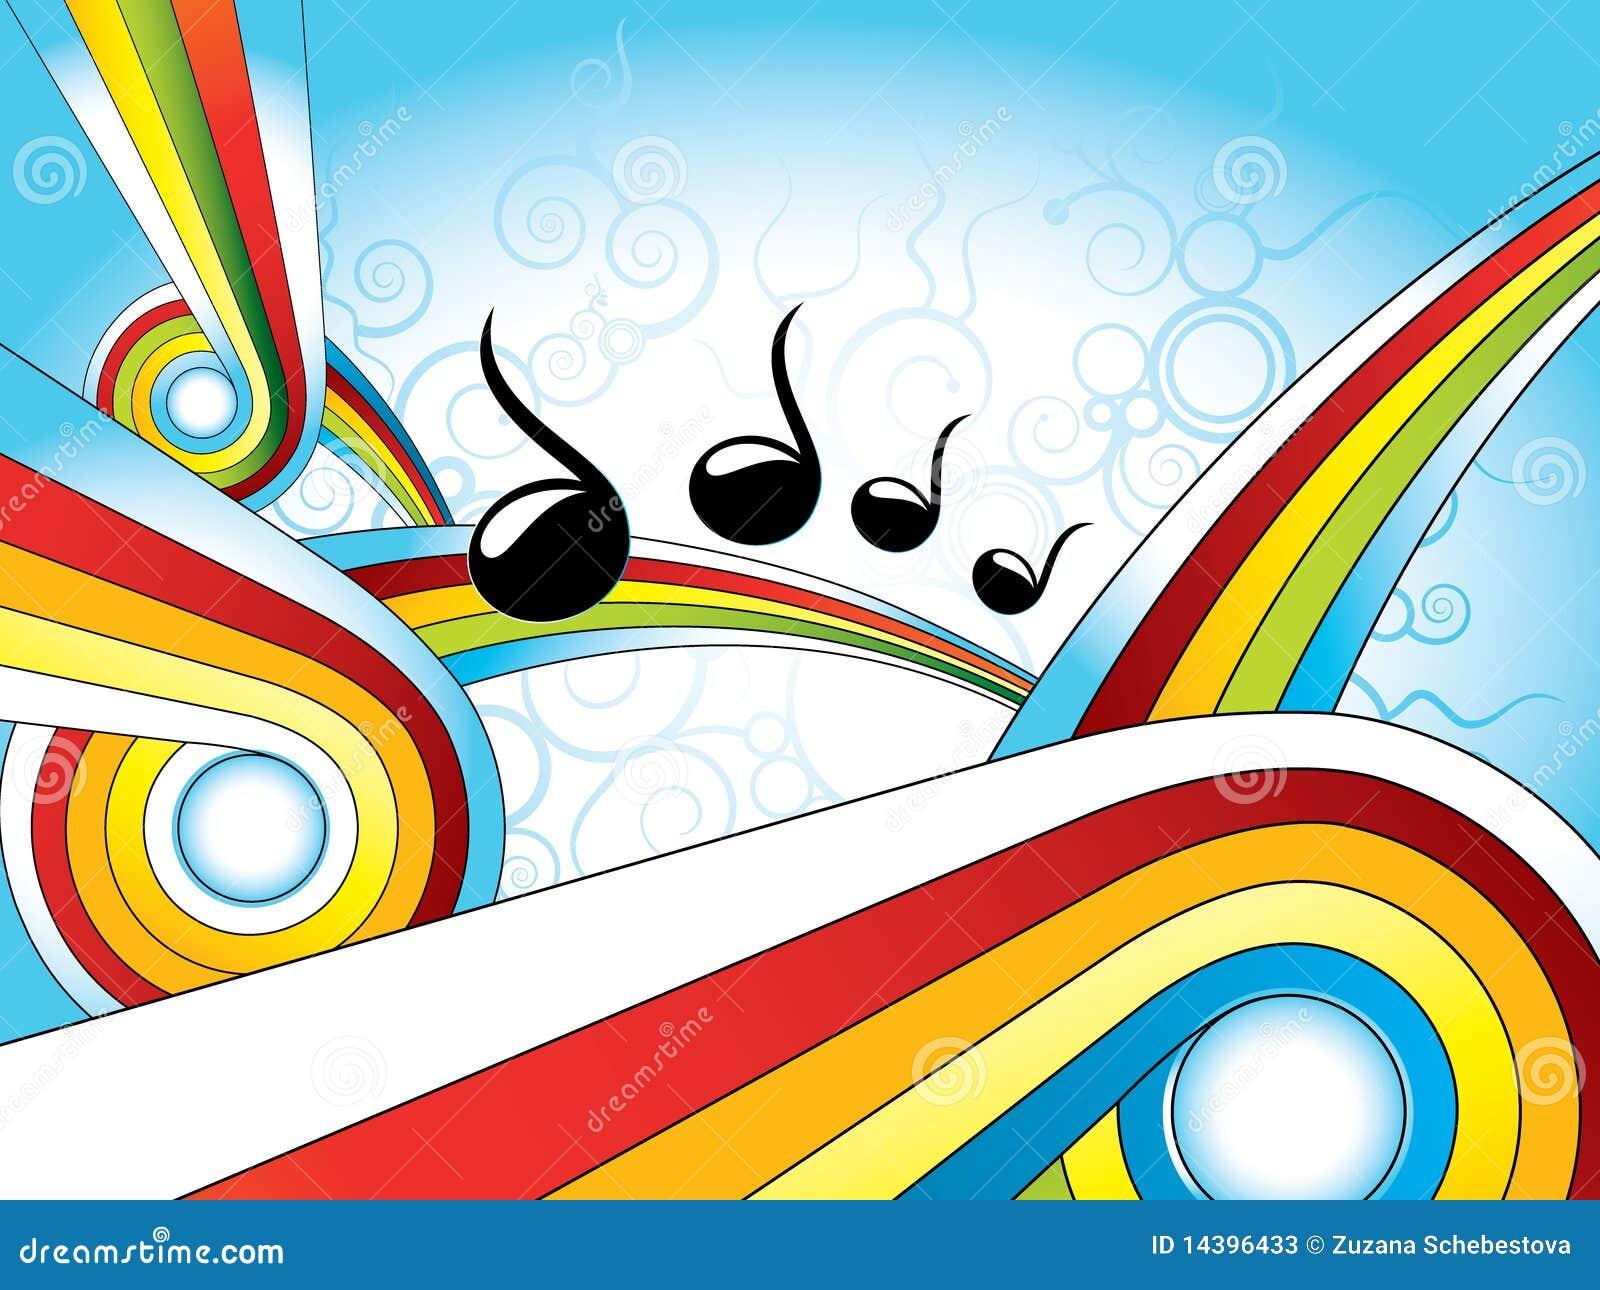 Esporte Tileable Papel De Parede Colorido: Papel De Parede Colorido Retro Da Música Fotos De Stock